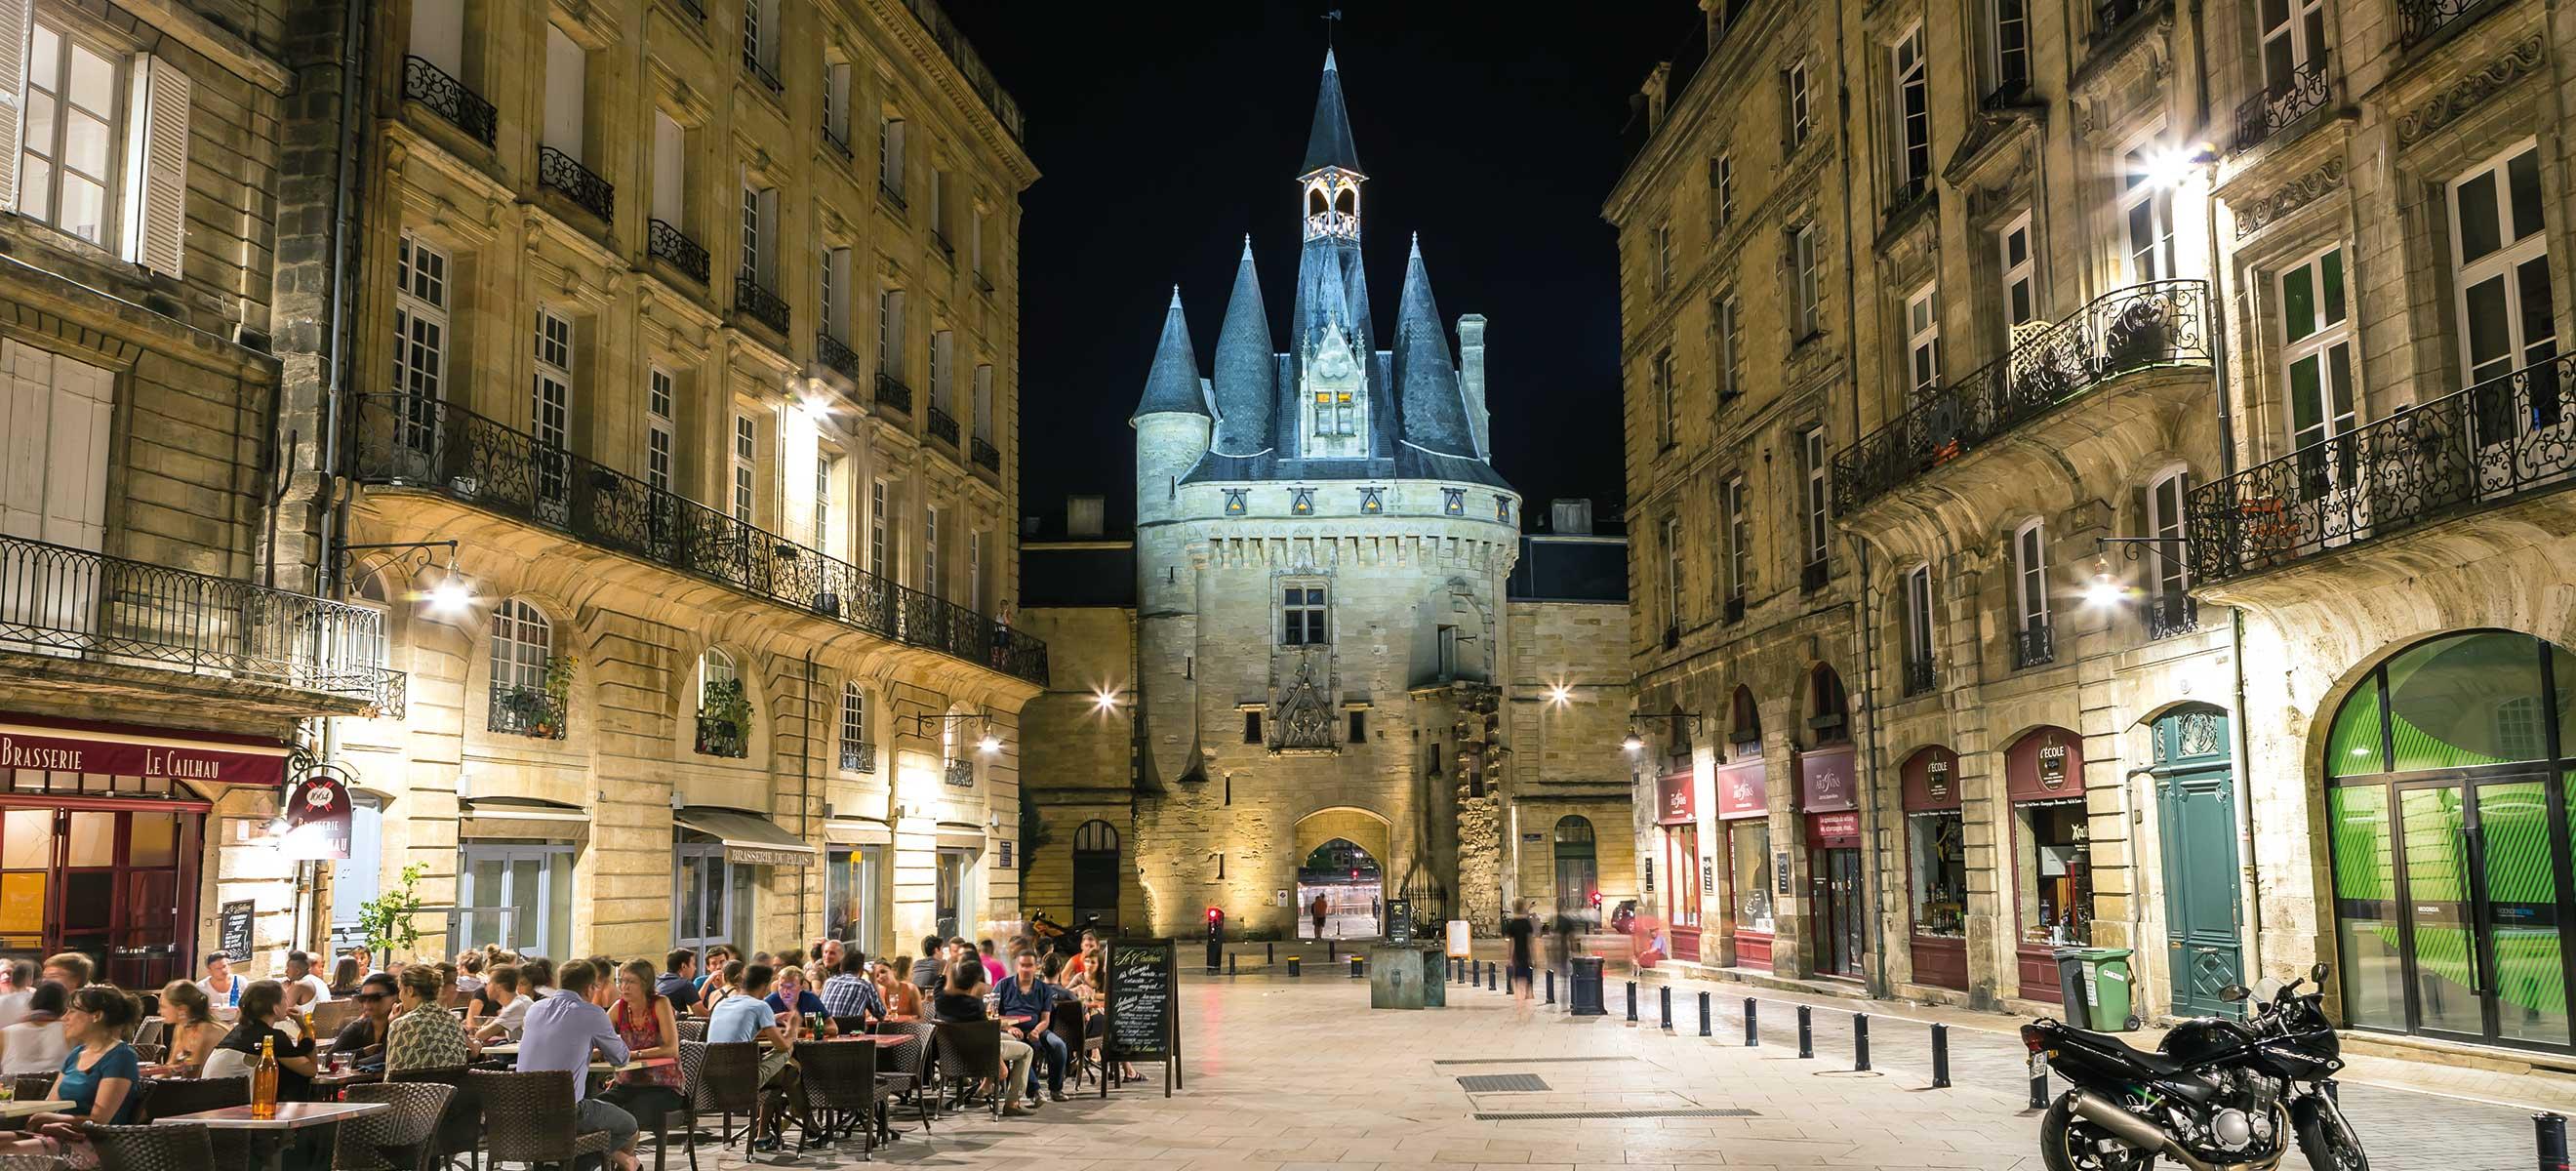 ca37957420 Die Altstadt von Bordeaux steht innerhalb der ehemaligen Stadtmauer.